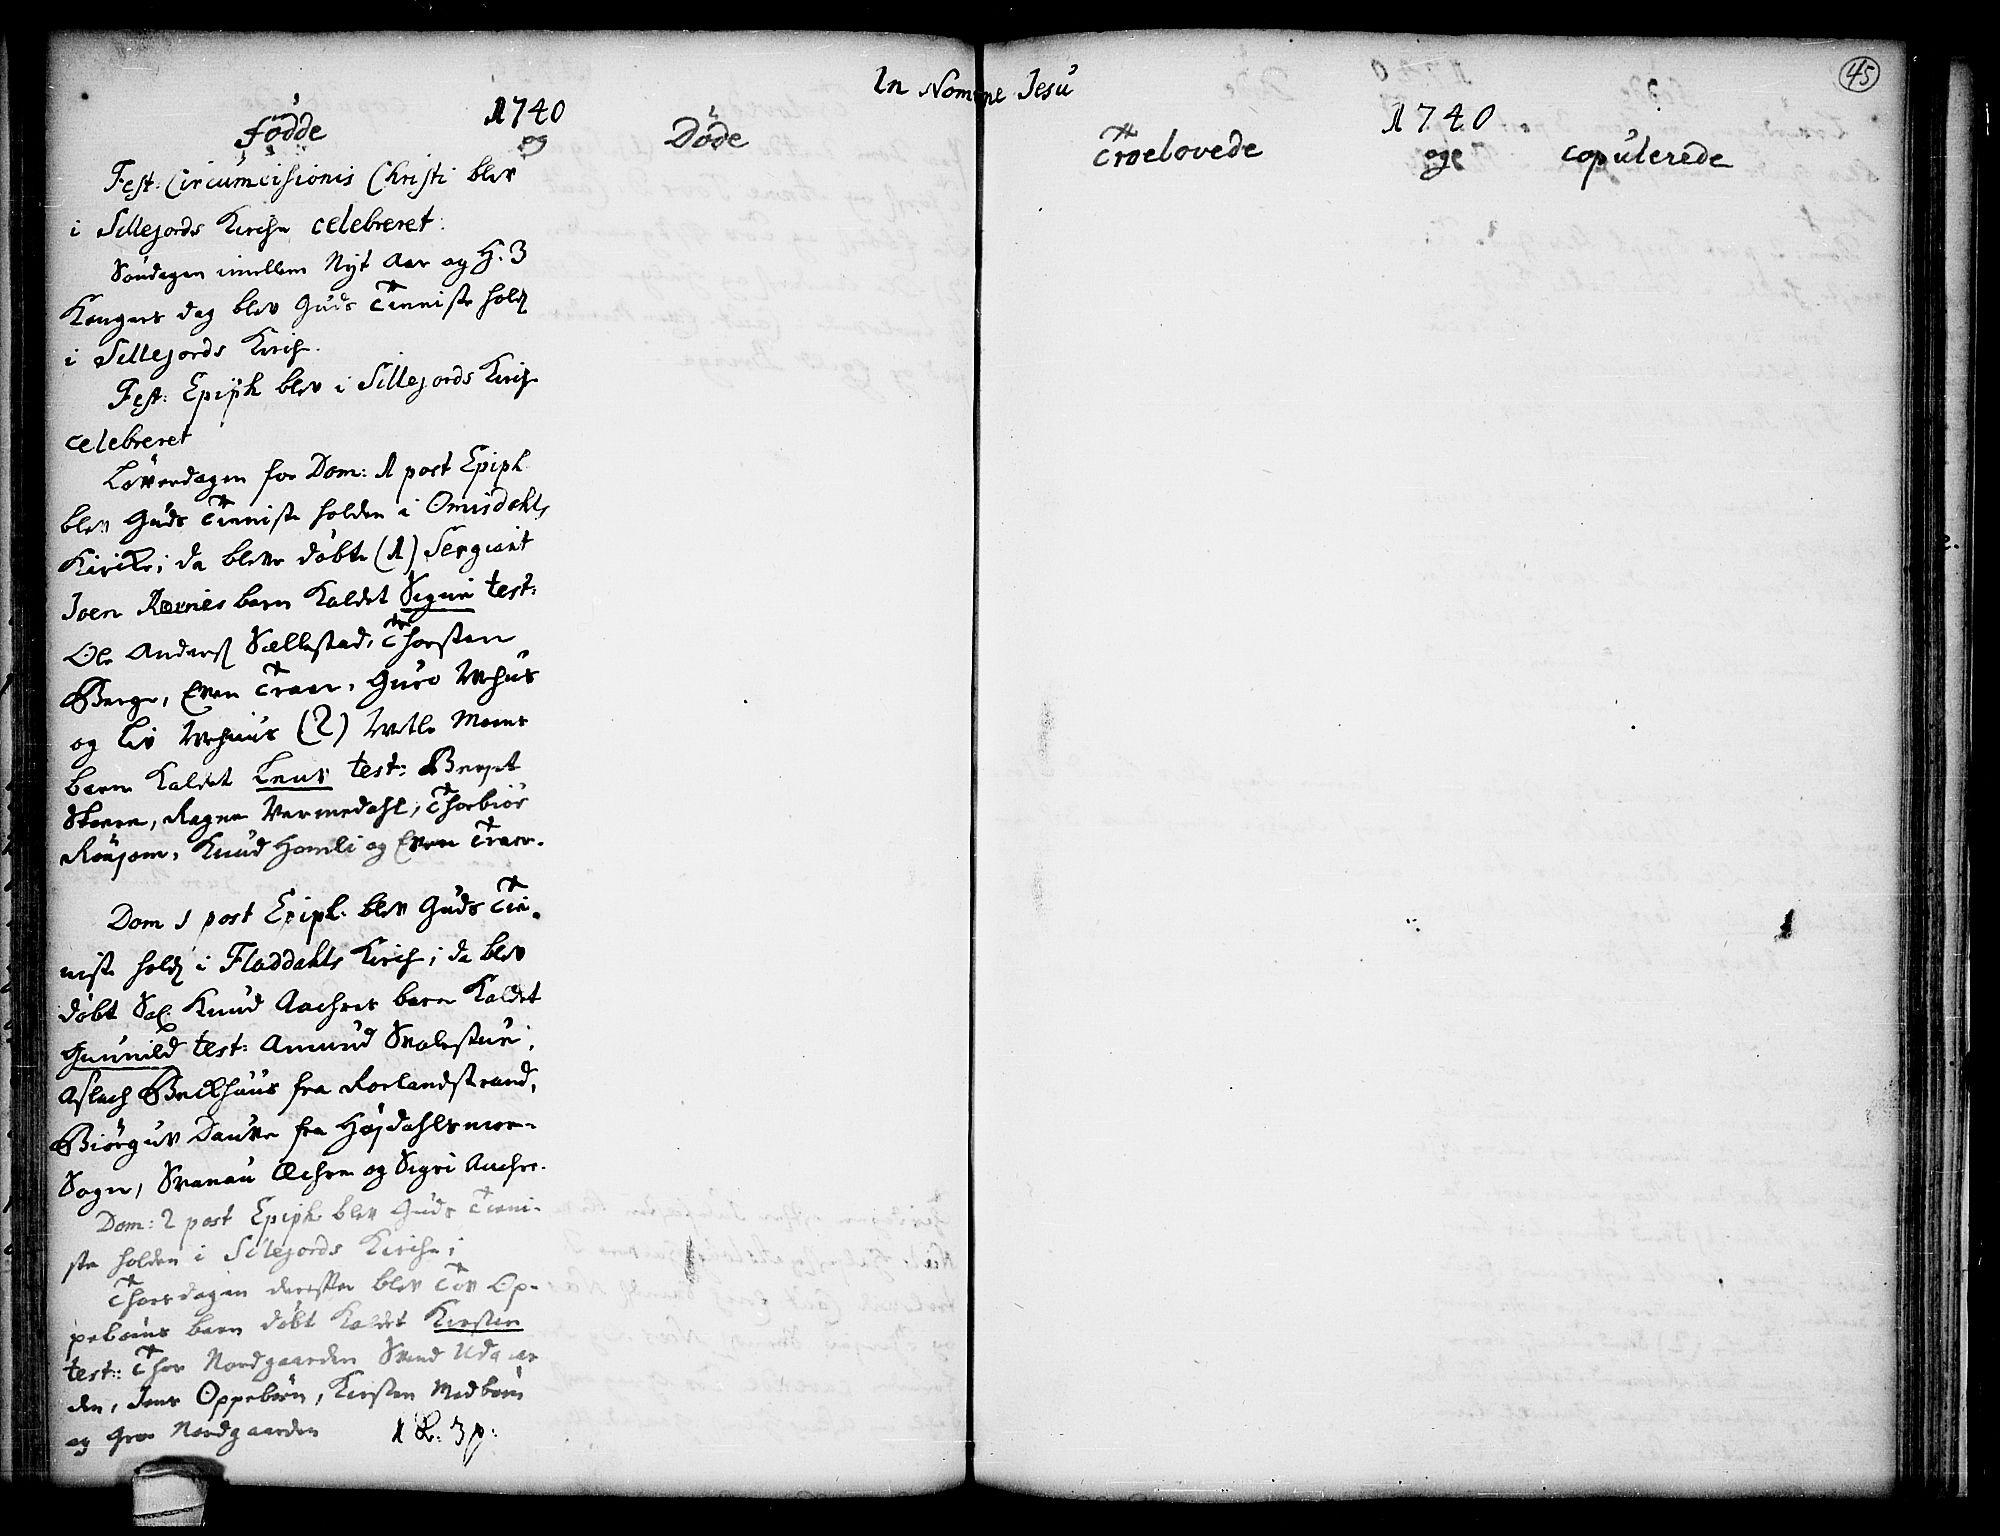 SAKO, Seljord kirkebøker, F/Fa/L0005: Ministerialbok nr. I 5, 1737-1743, s. 45